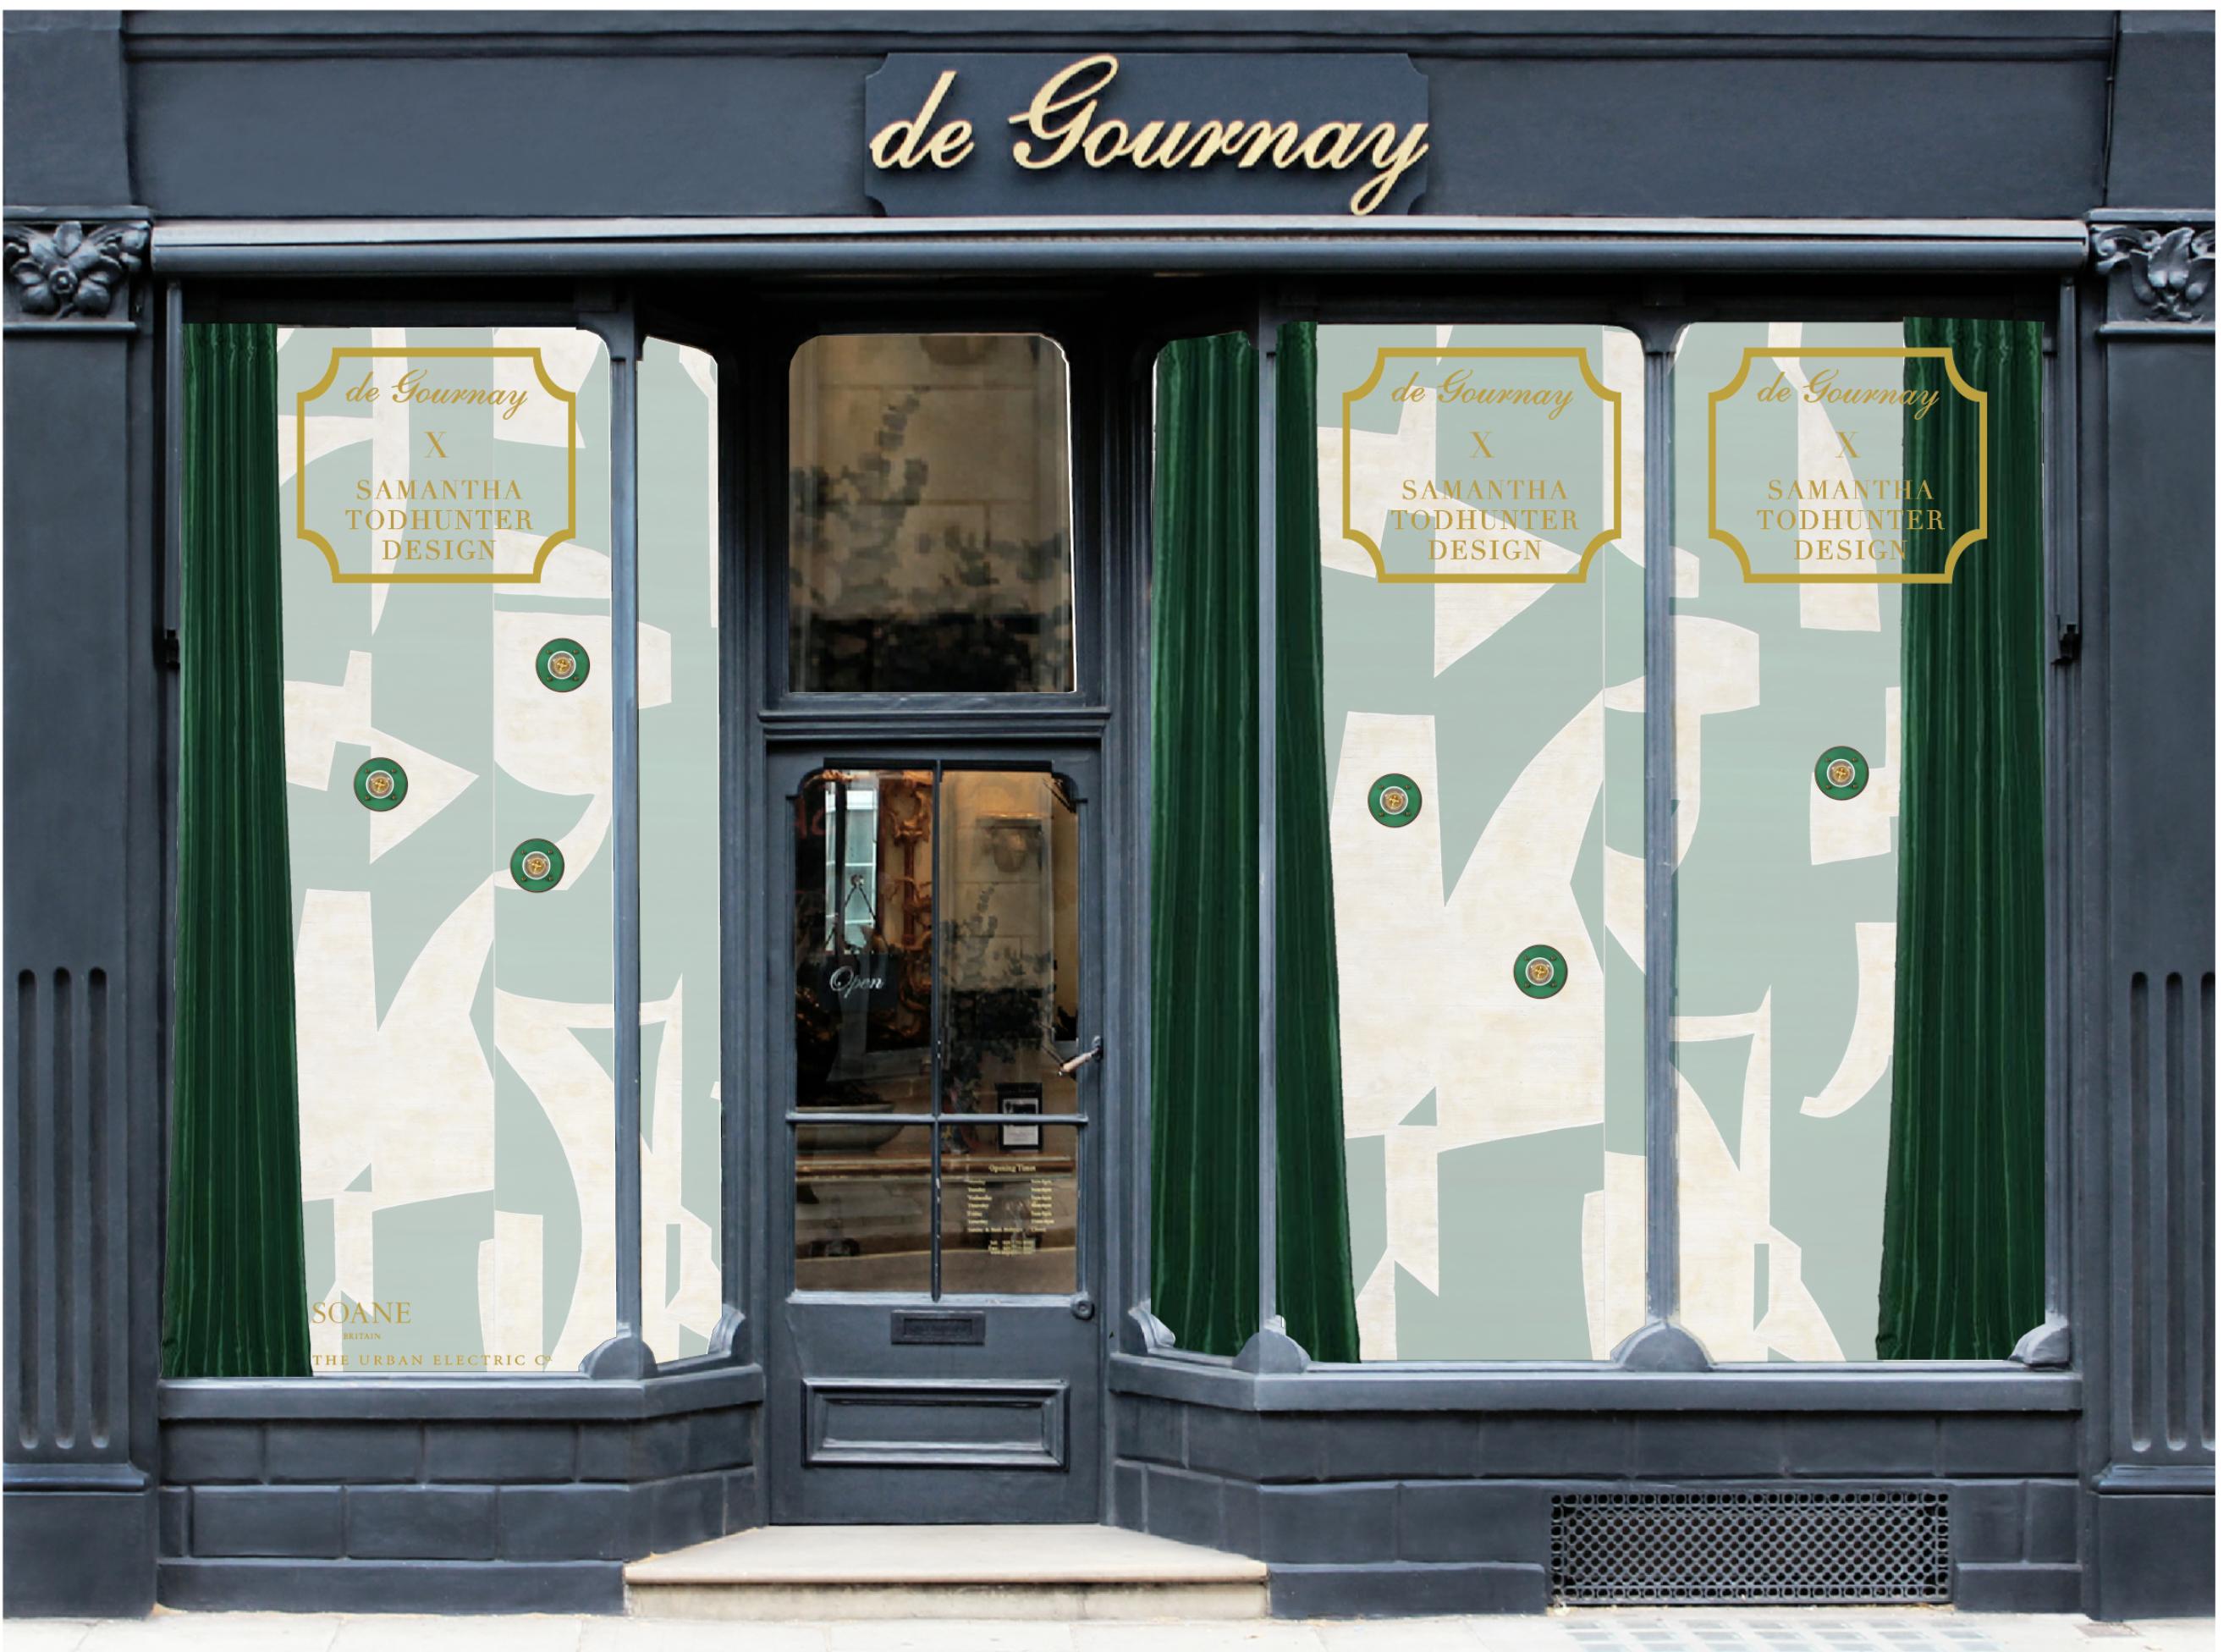 Samantha Todhunter Design X de Gournay